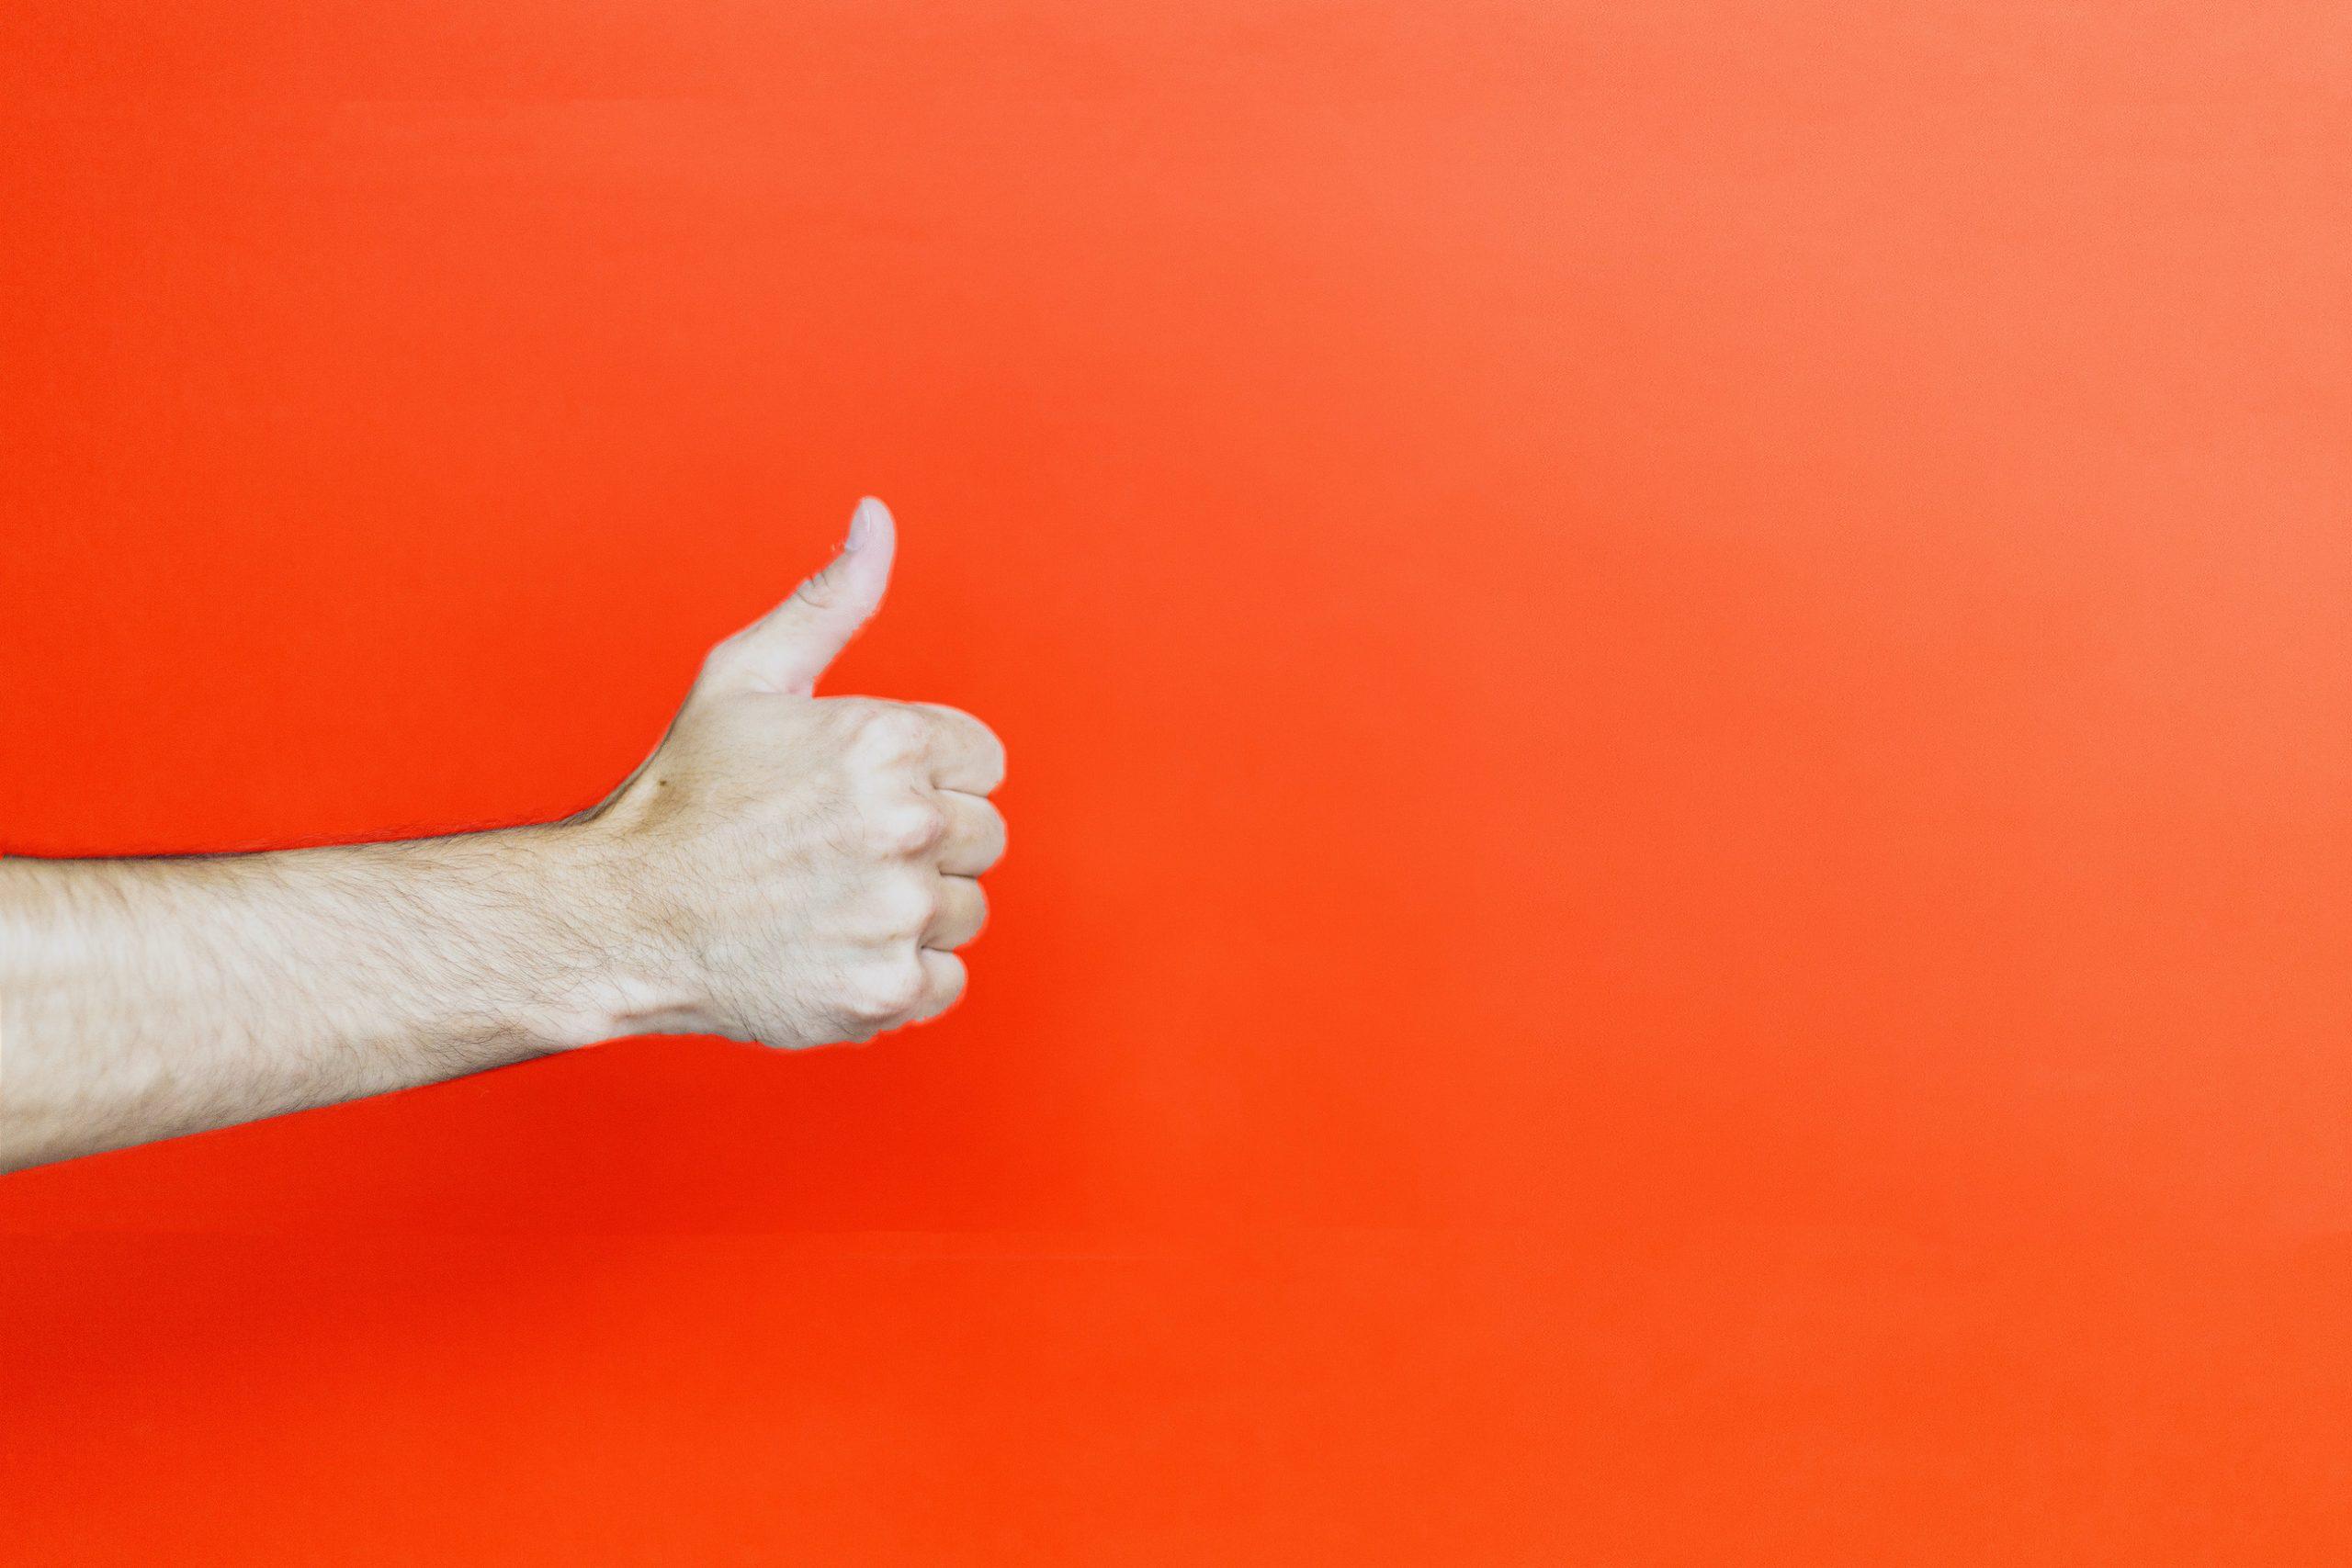 customer thumbs up